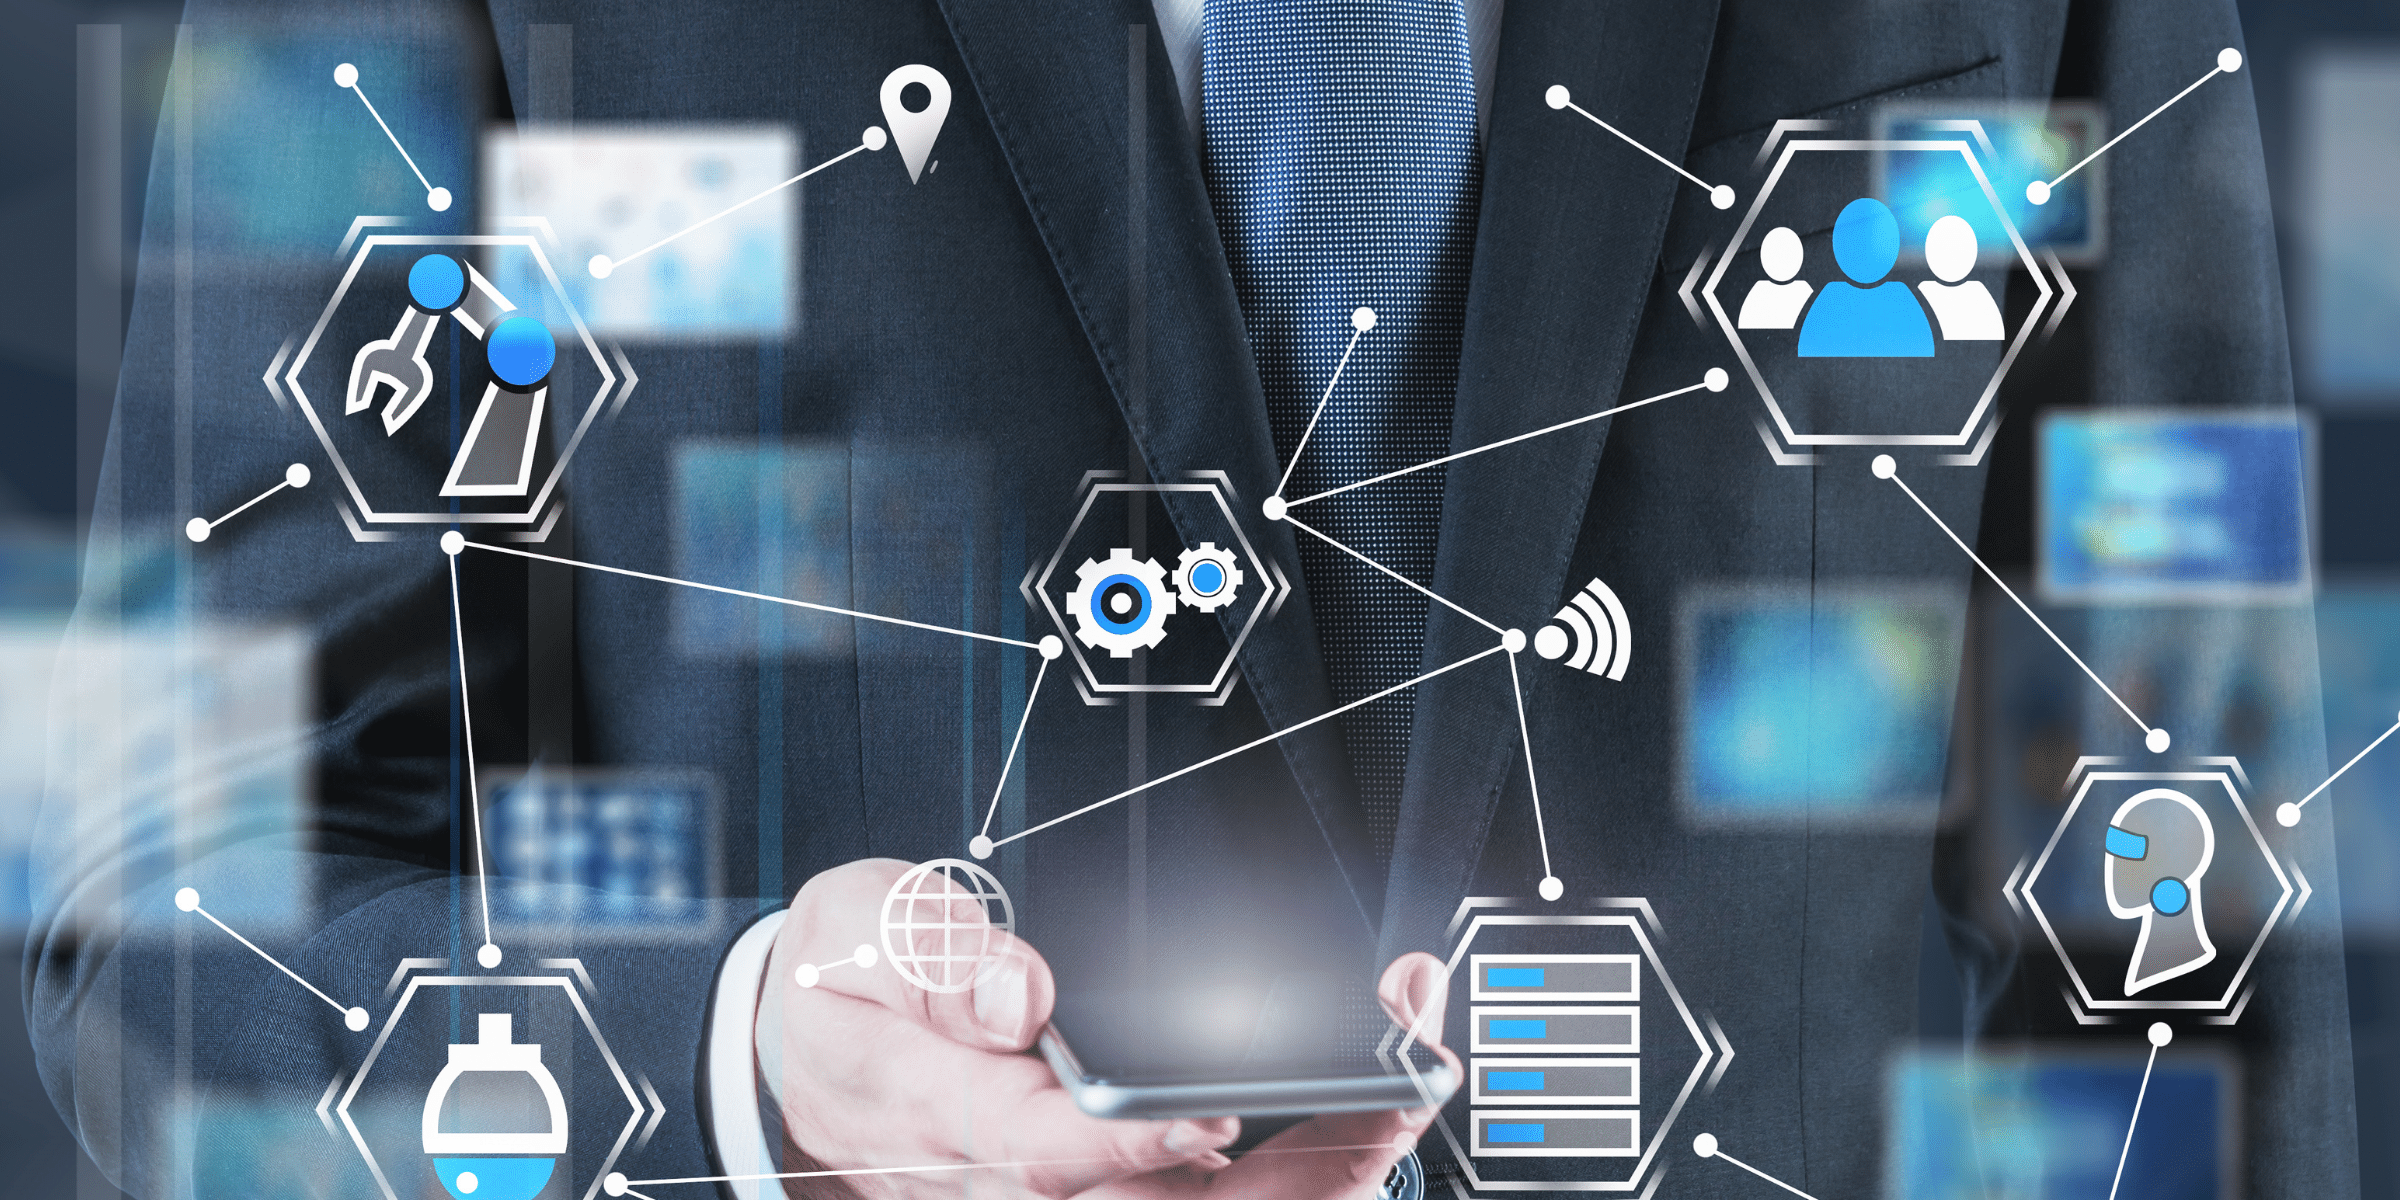 Plattformgeschäftsmodell - alles ist digital verbunden.